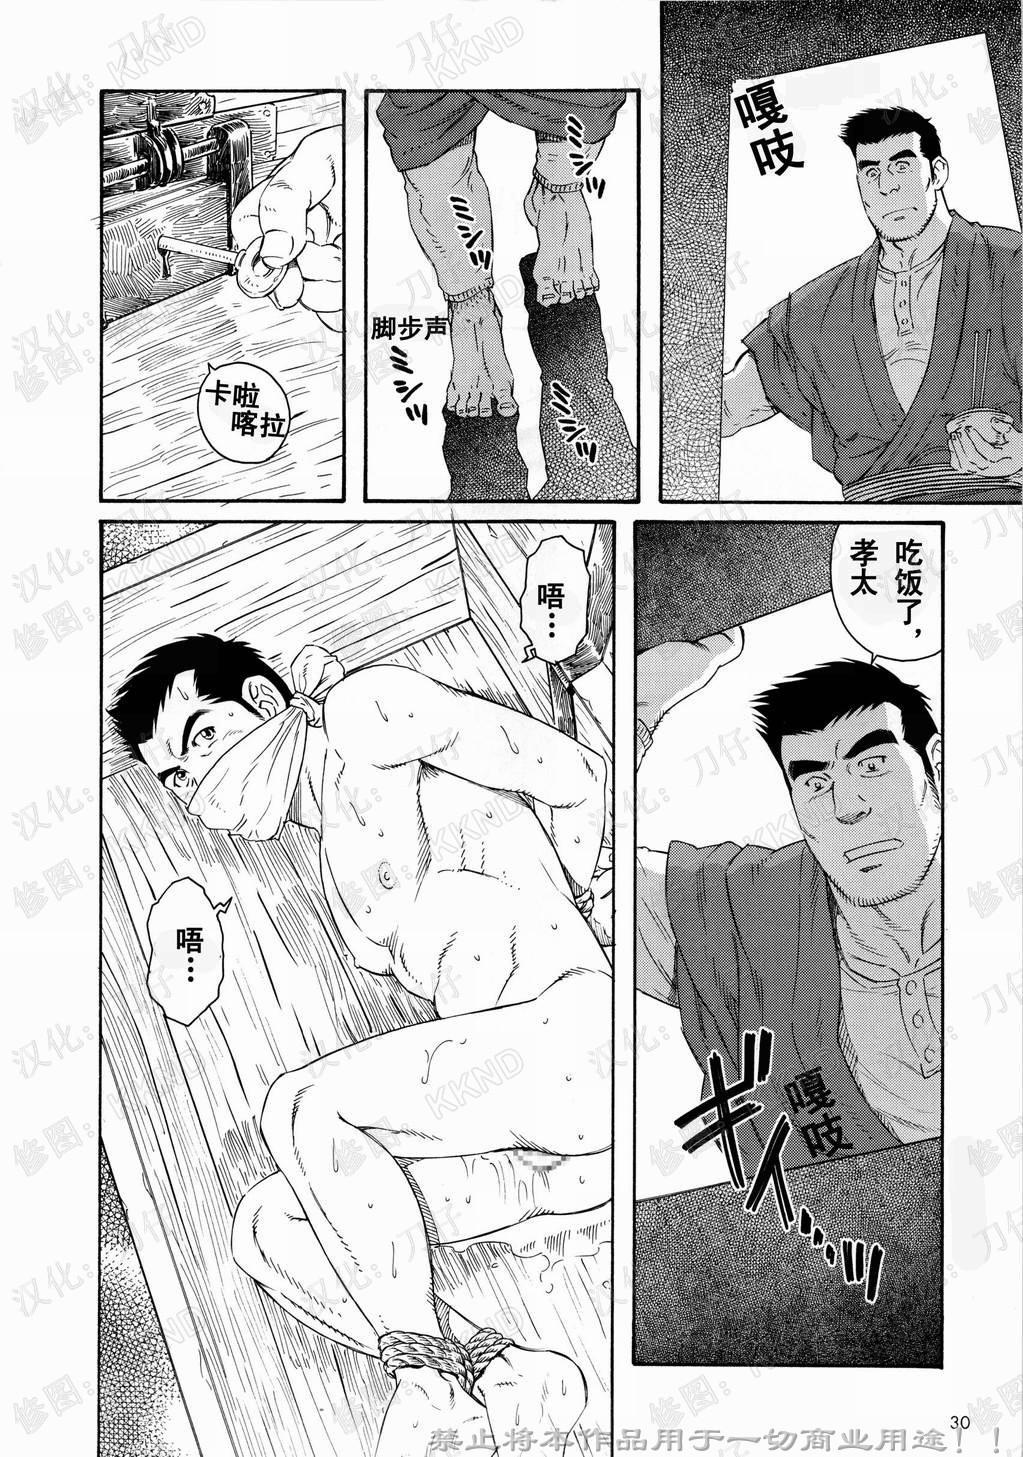 Nagamochi no Naka 3